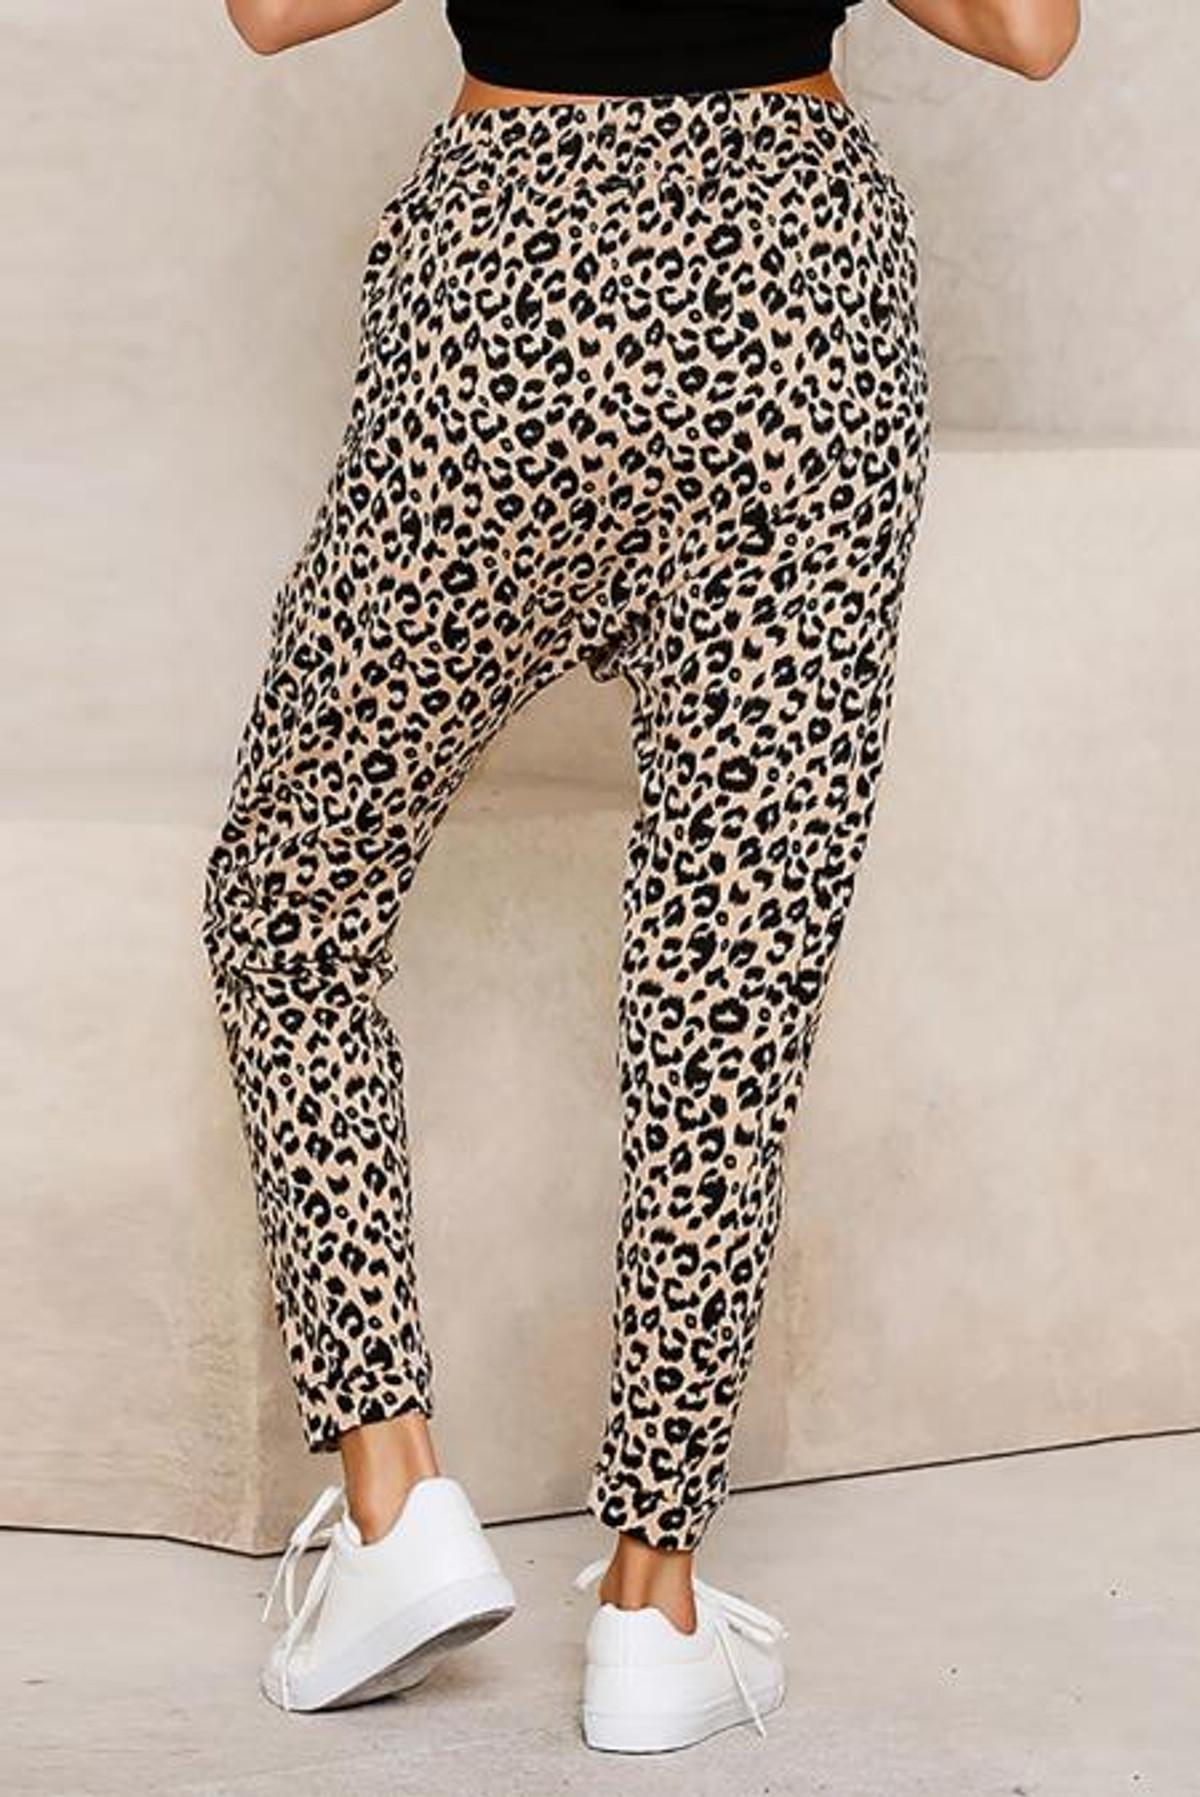 Leopard Print Lounge Pant (FRE77289-16)  FRE7728916PL